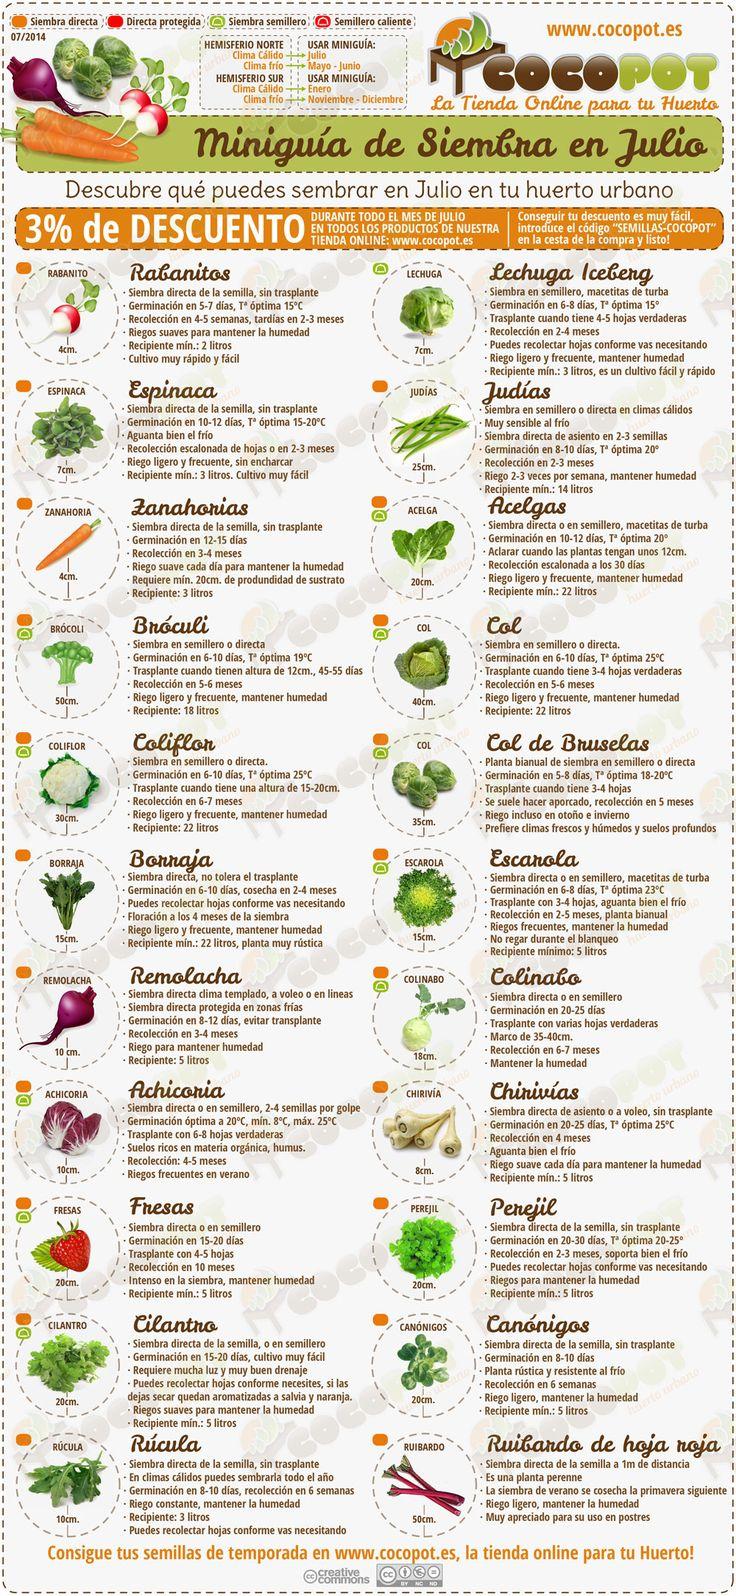 Actualizada la Miniguía de Siembra en julio para tu #huertourbano con más variedades de #semillas y un descuento para este mes en nuestra tienda online, no te la pierdas!